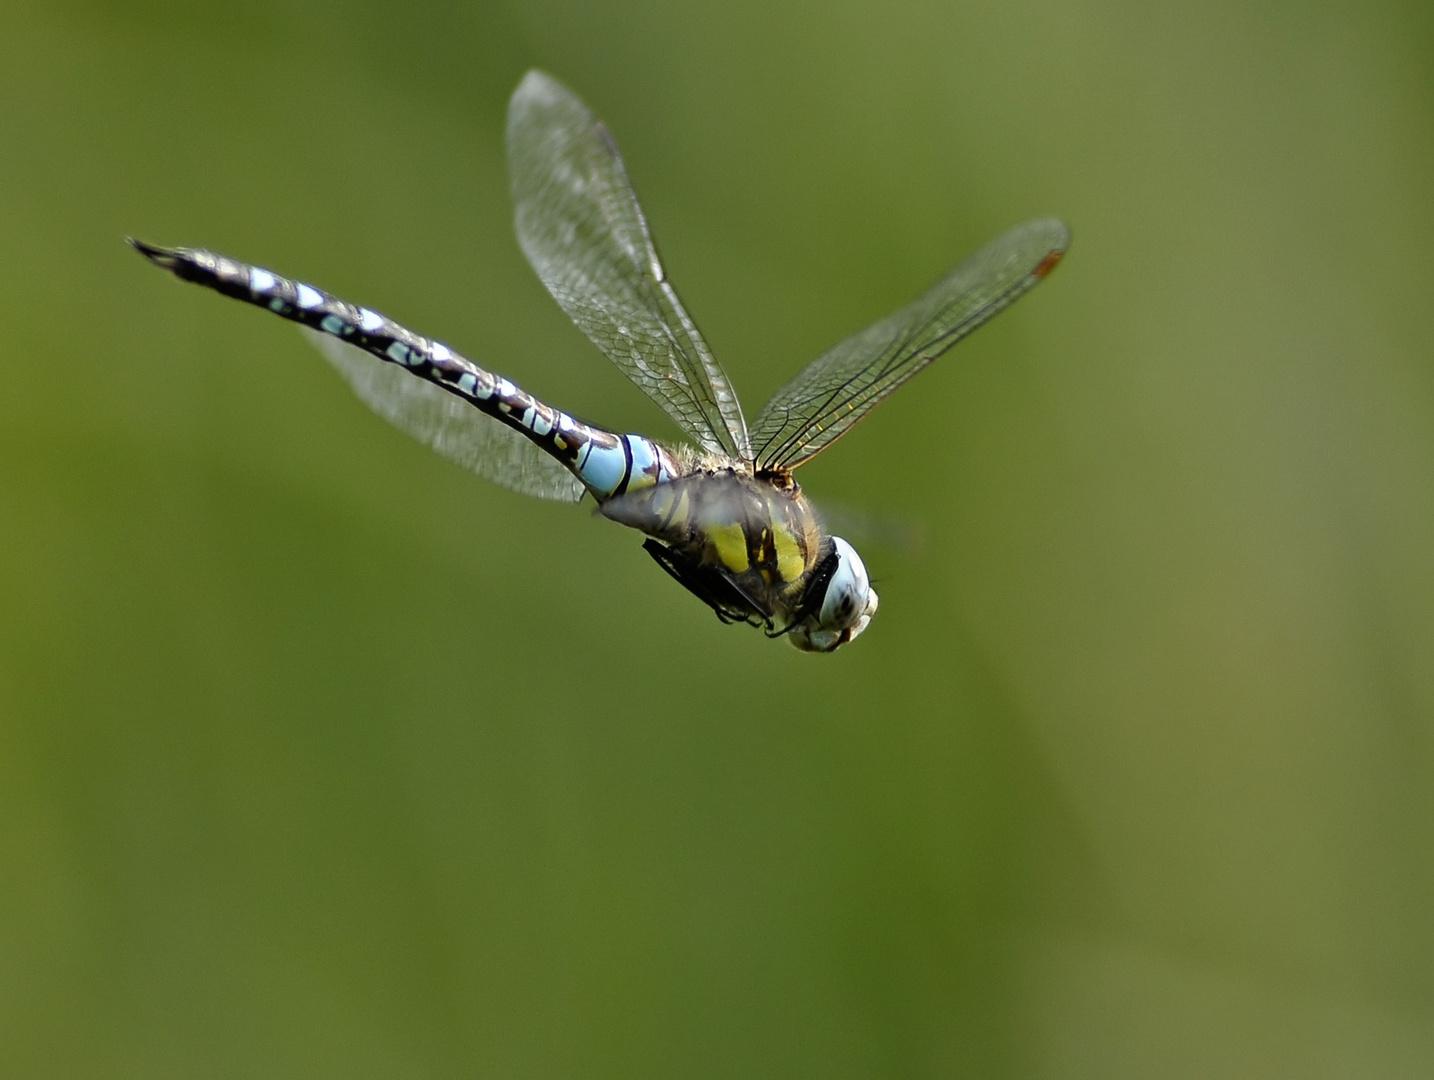 Libelle im Flug II